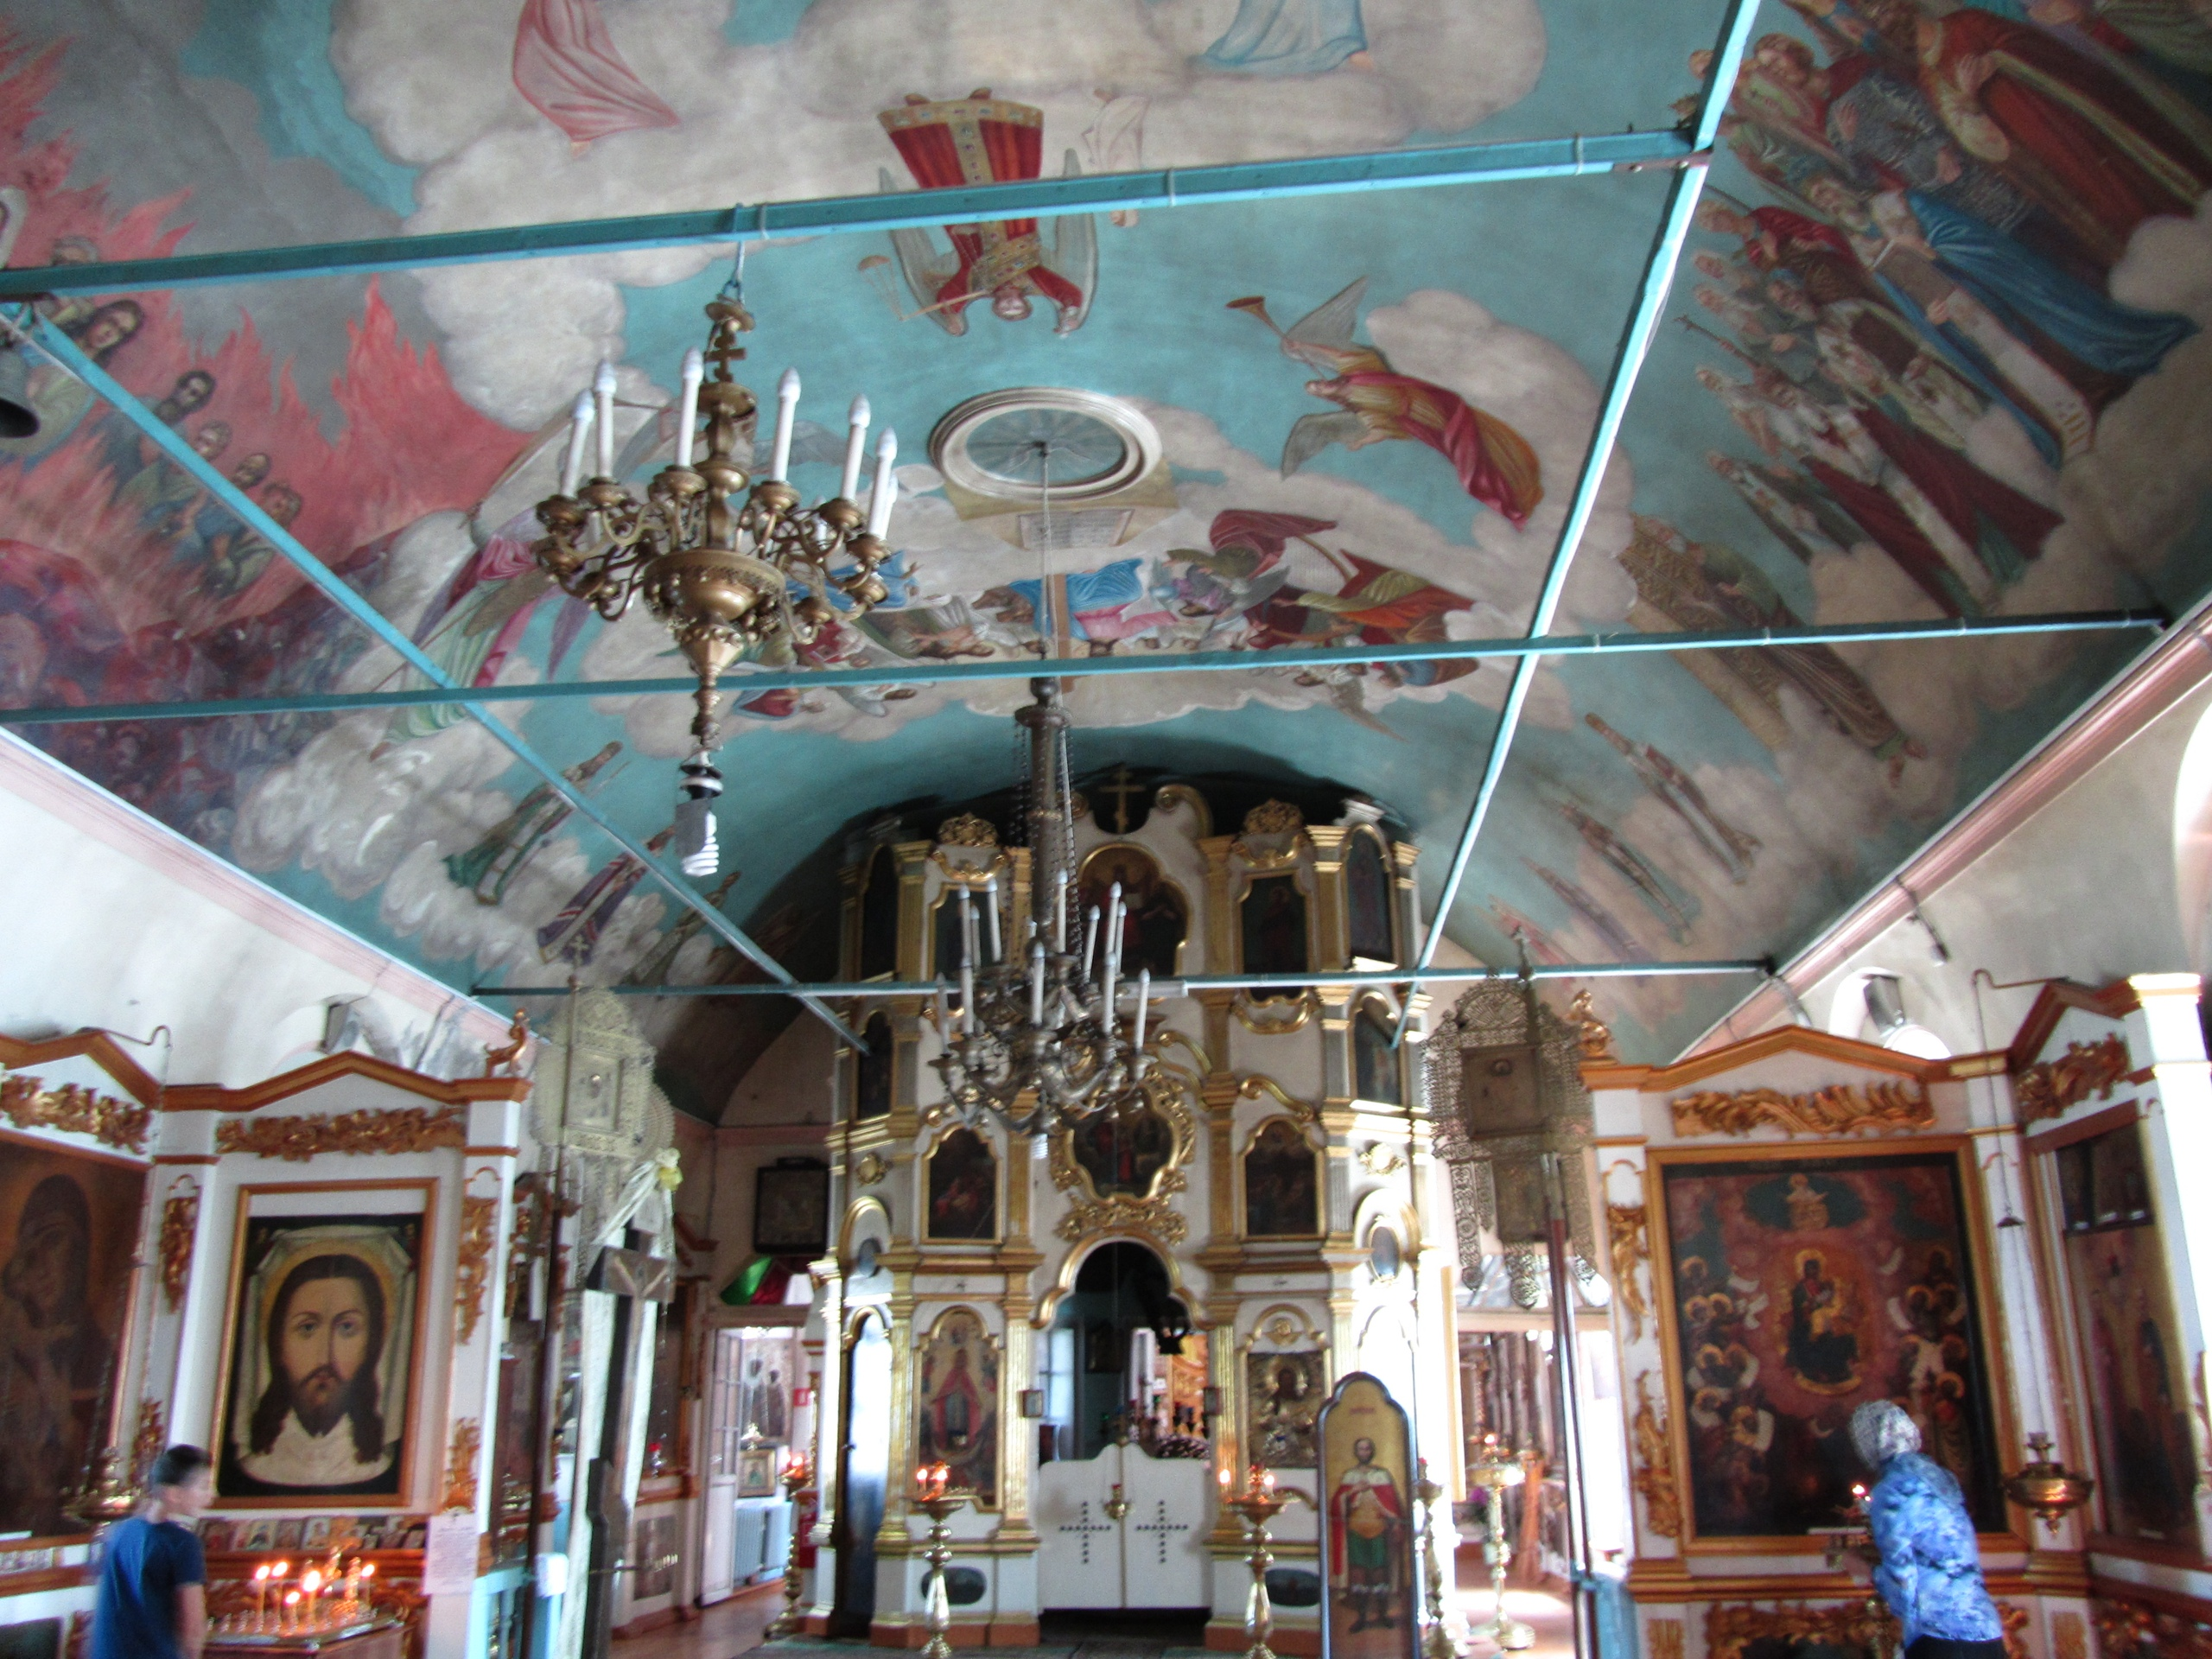 Узоры и кружева на стенах и потолках старинной церкви в селе Орёл